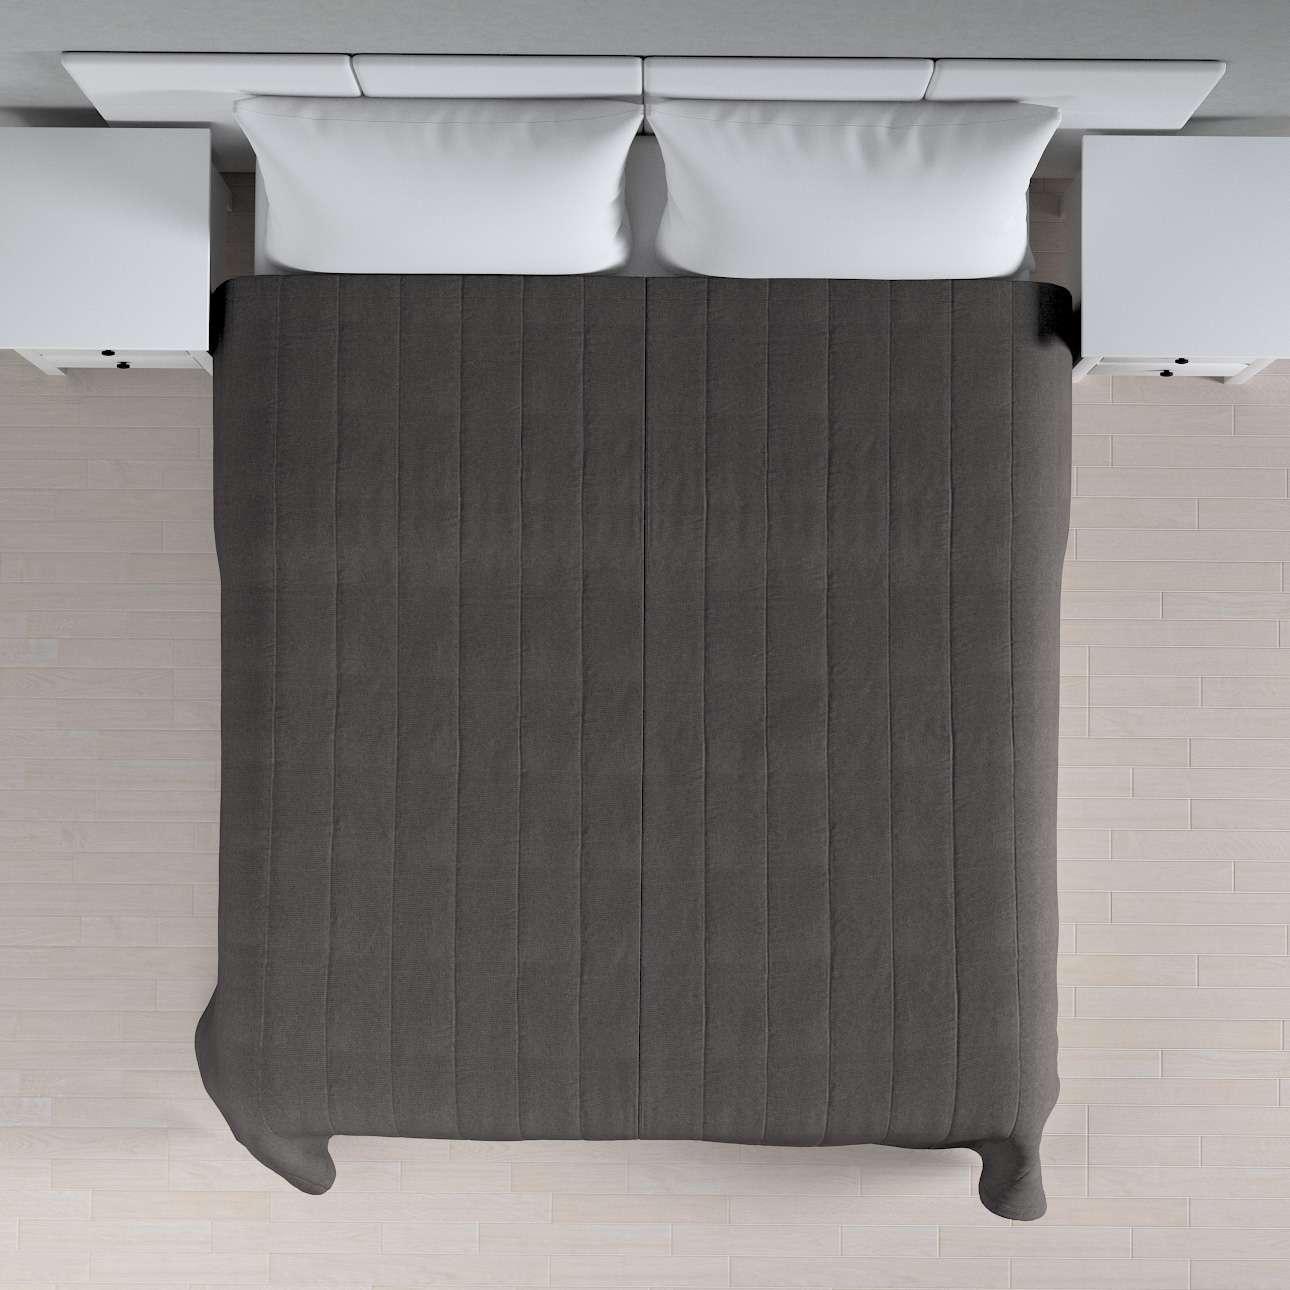 Einfacher Überwurf 260 x 210 cm von der Kollektion Etna, Stoff: 705-35